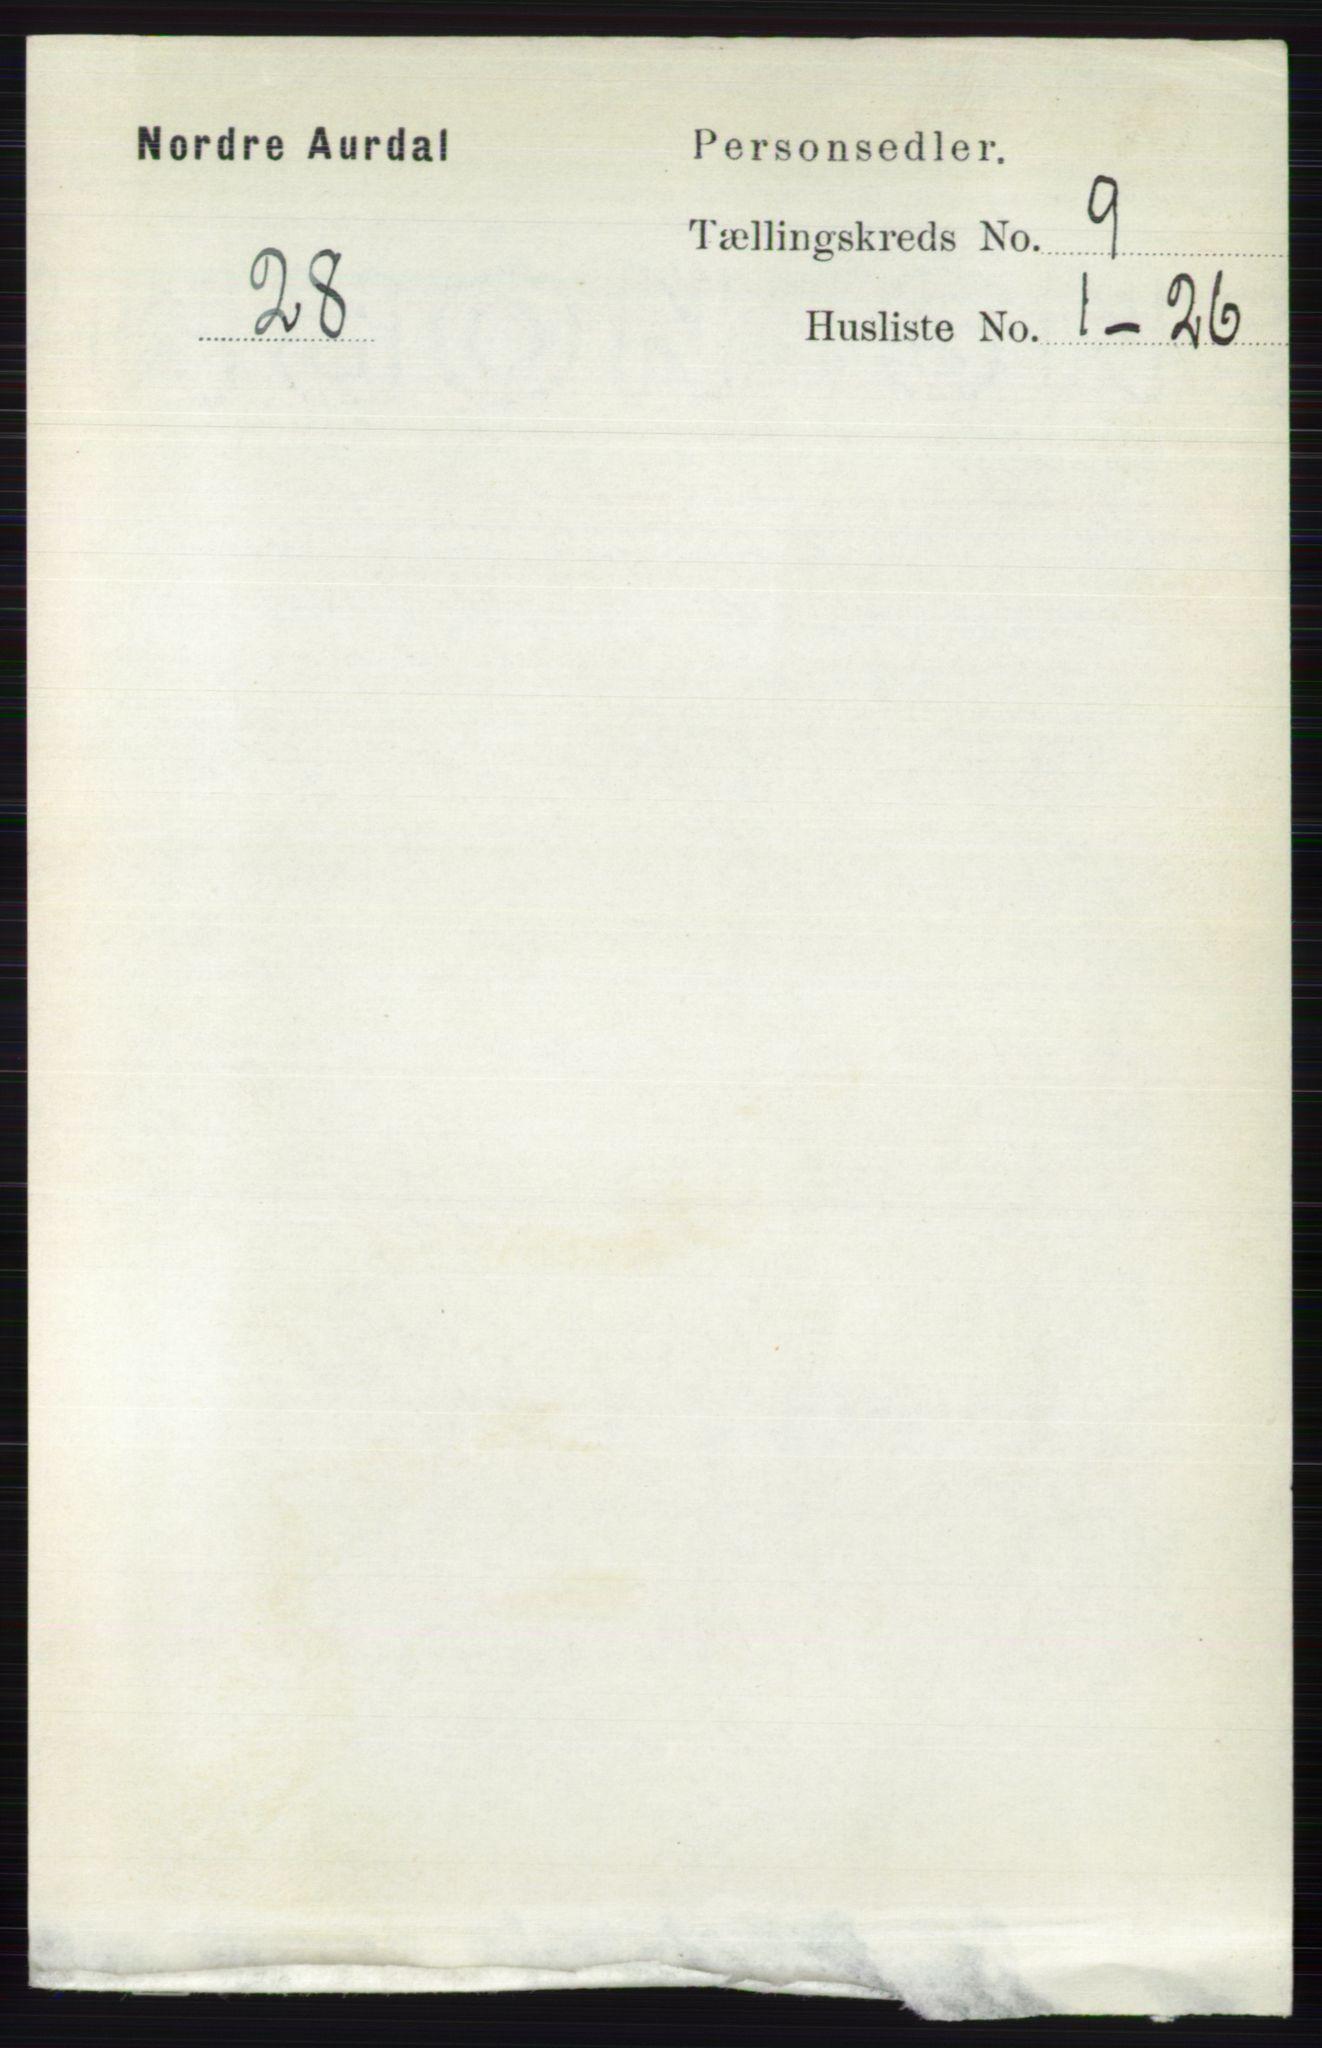 RA, Folketelling 1891 for 0542 Nord-Aurdal herred, 1891, s. 3415